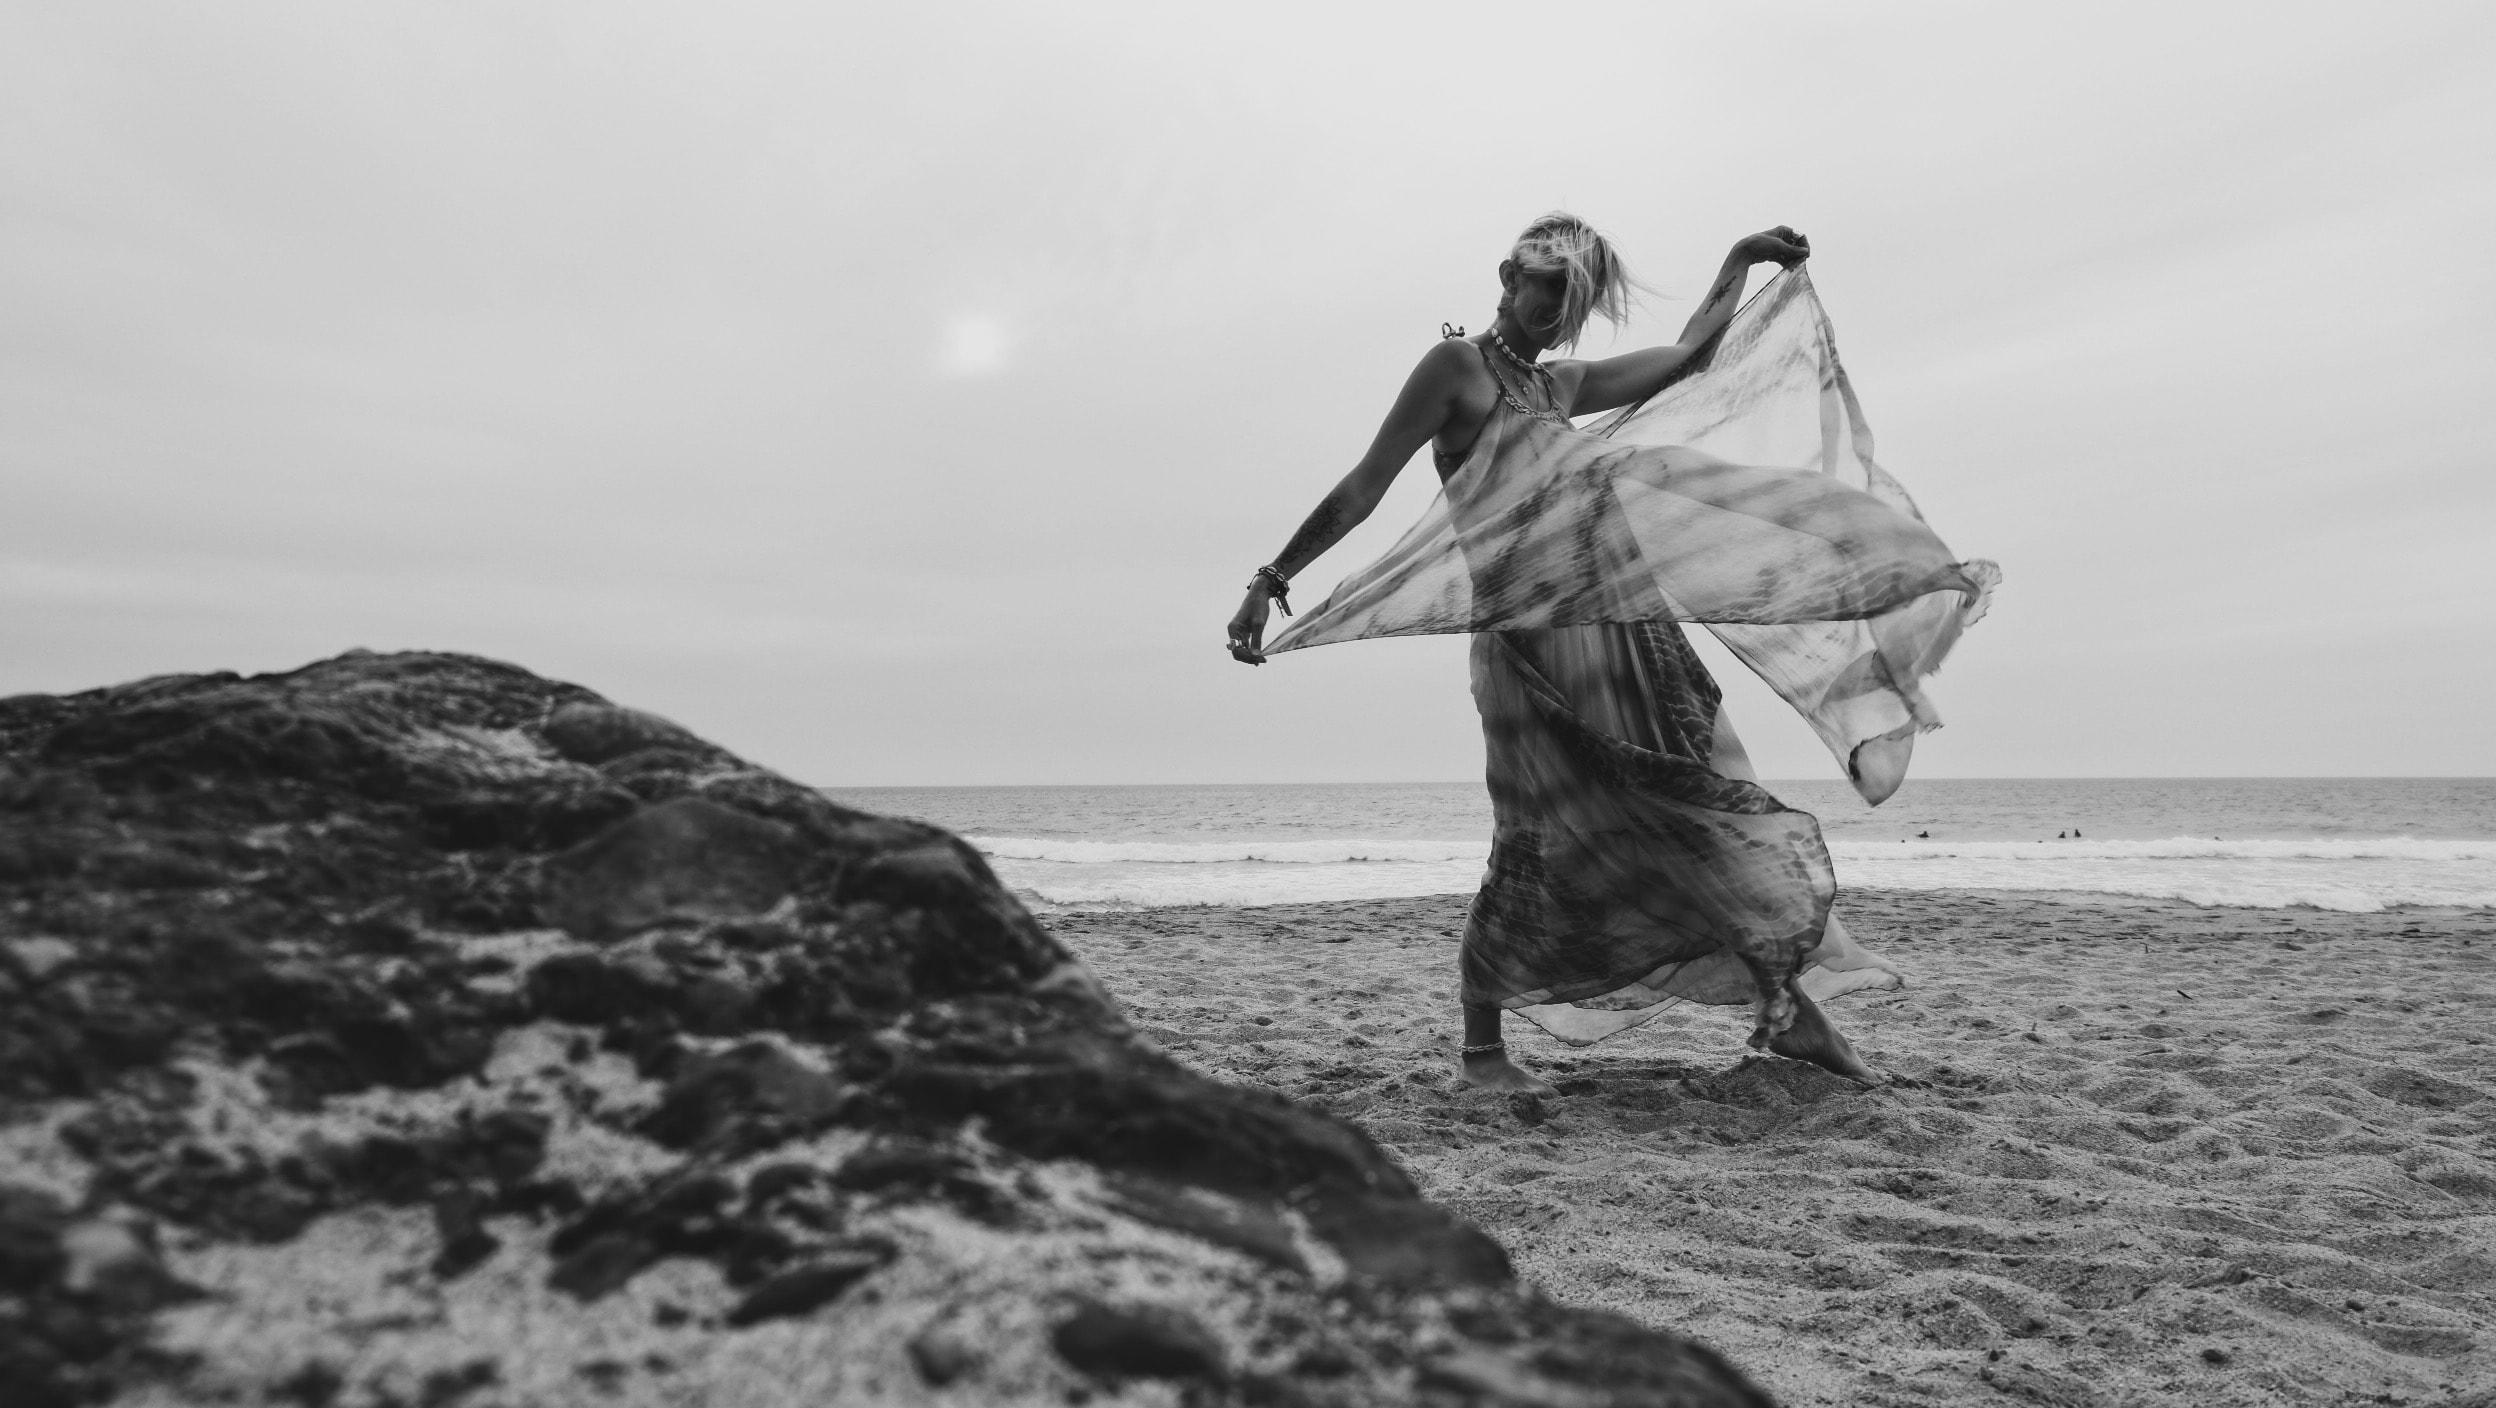 Carnet Sauvage - blog mode et tendances, direction artistique Lille, idée look bohème - robe mesdemoiselles paris